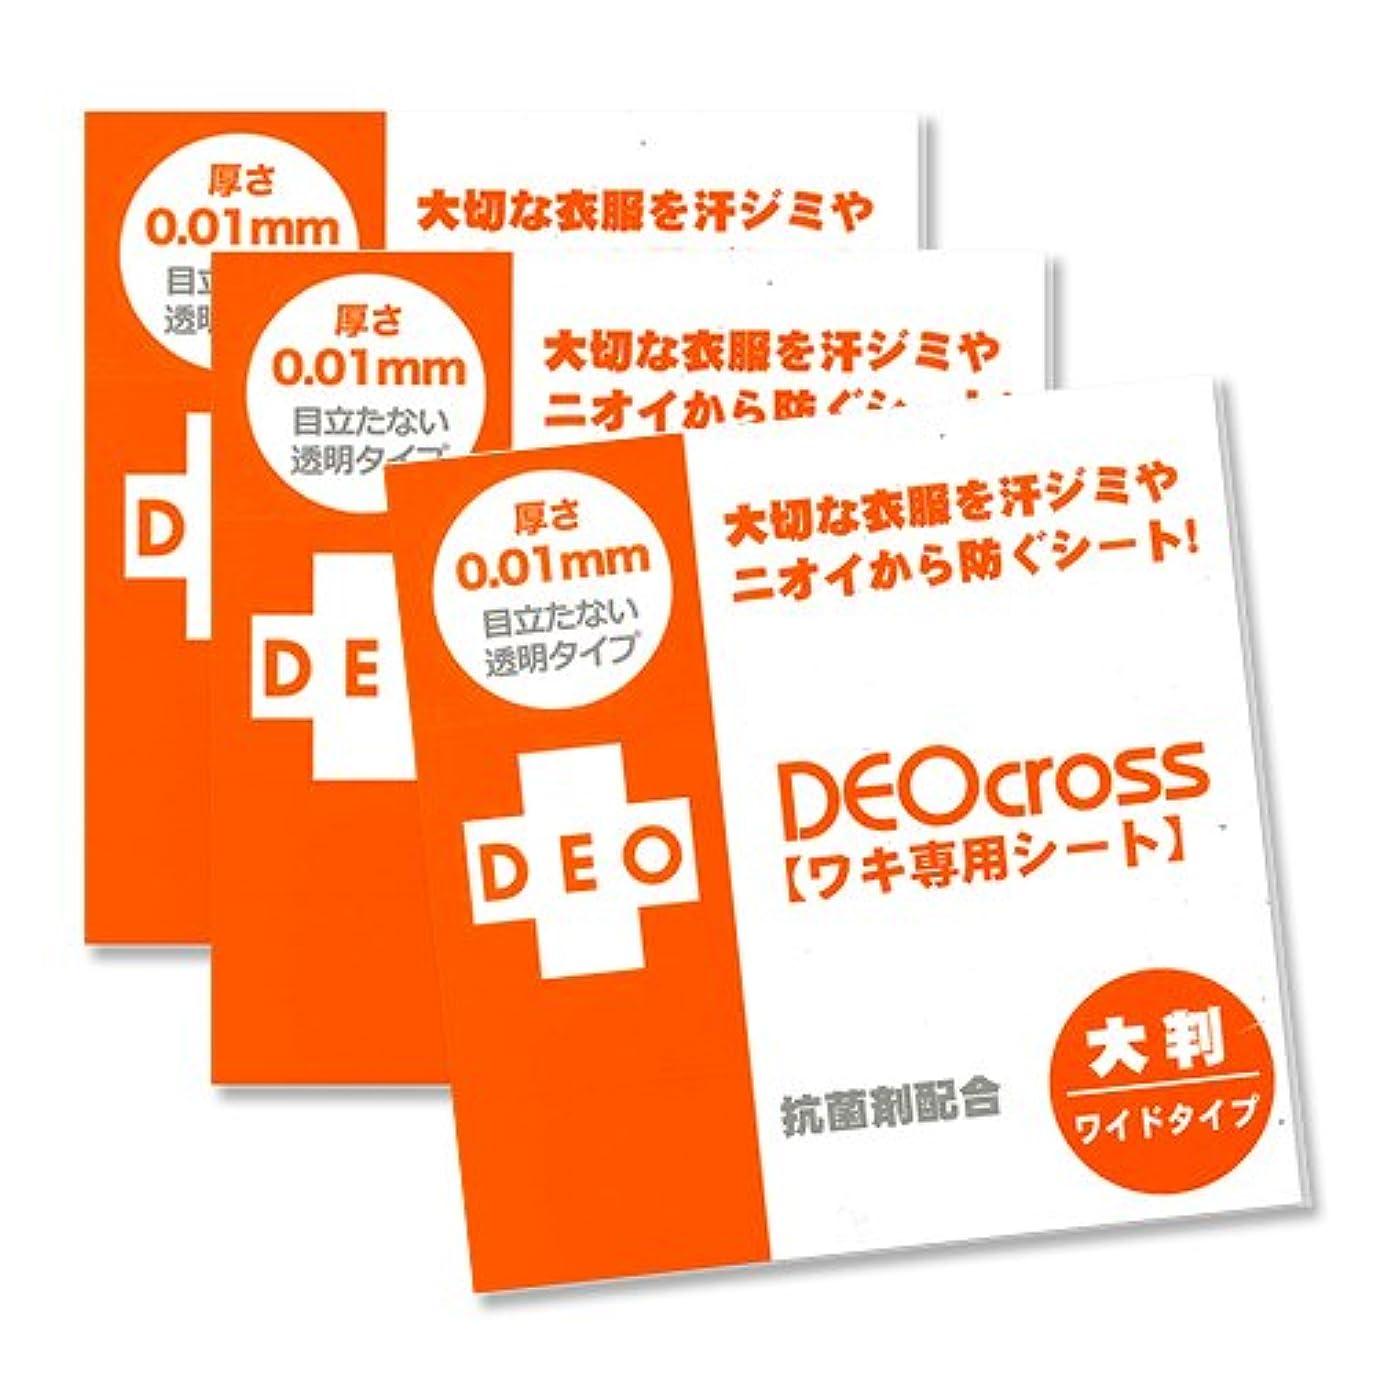 マネージャーピッチ無【ワキ専用シート】 デオクロス Deo Cross ワイドタイプ (50枚入りx3個セット)